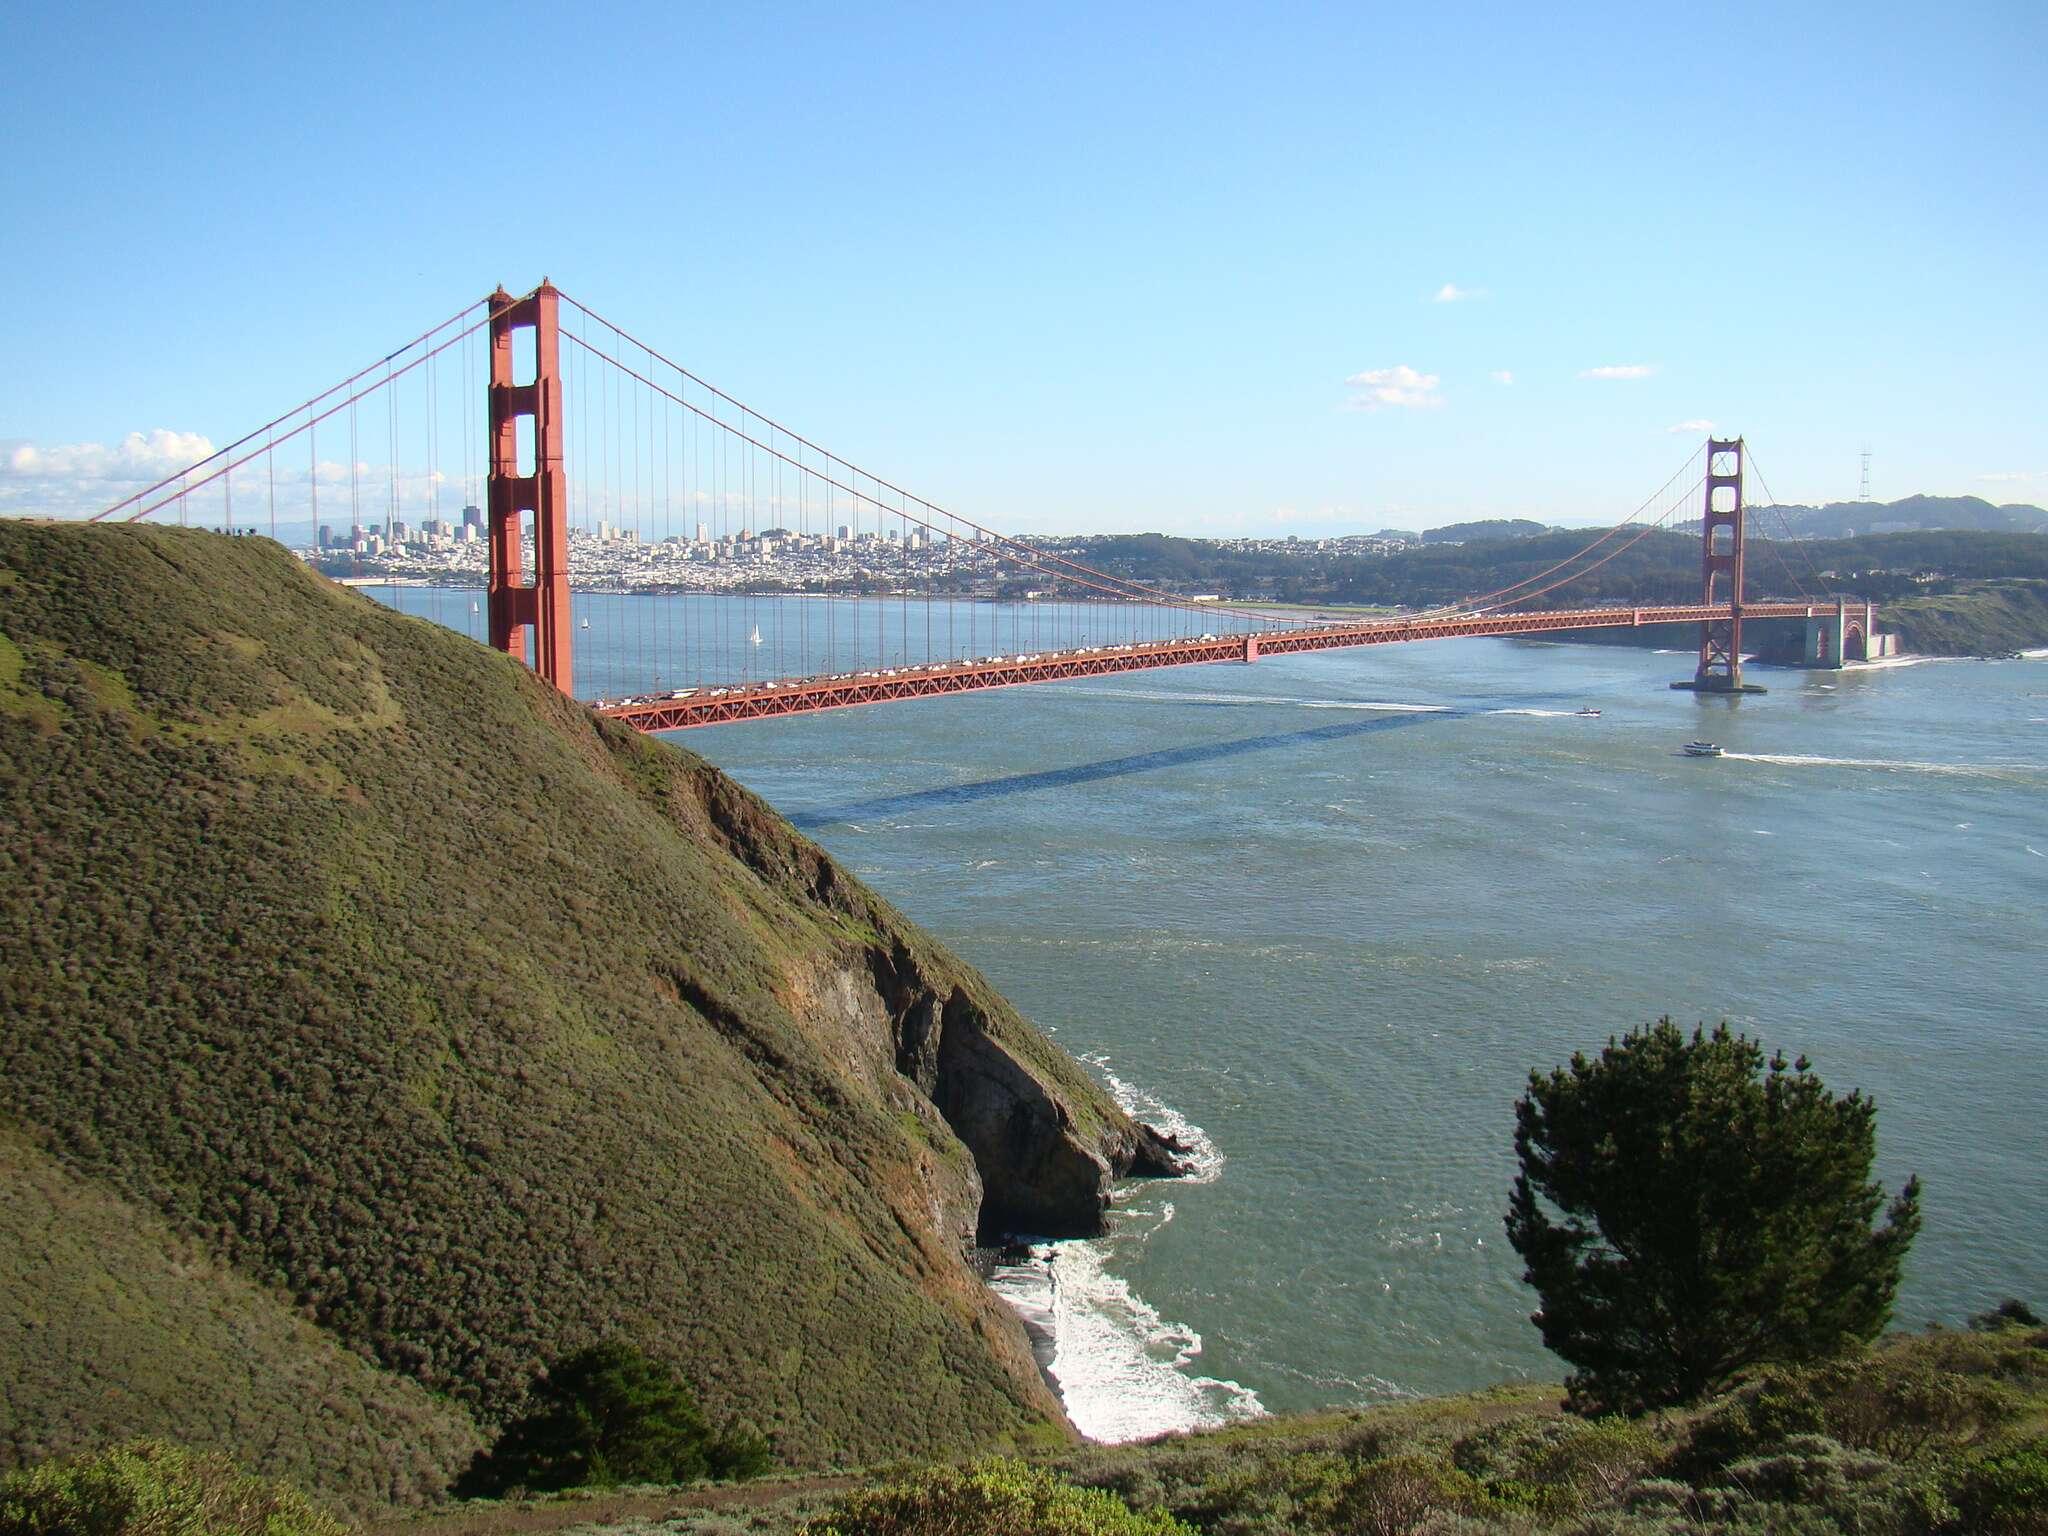 Vista do Marin Headlands: Golden Gate + Praias e montanhas